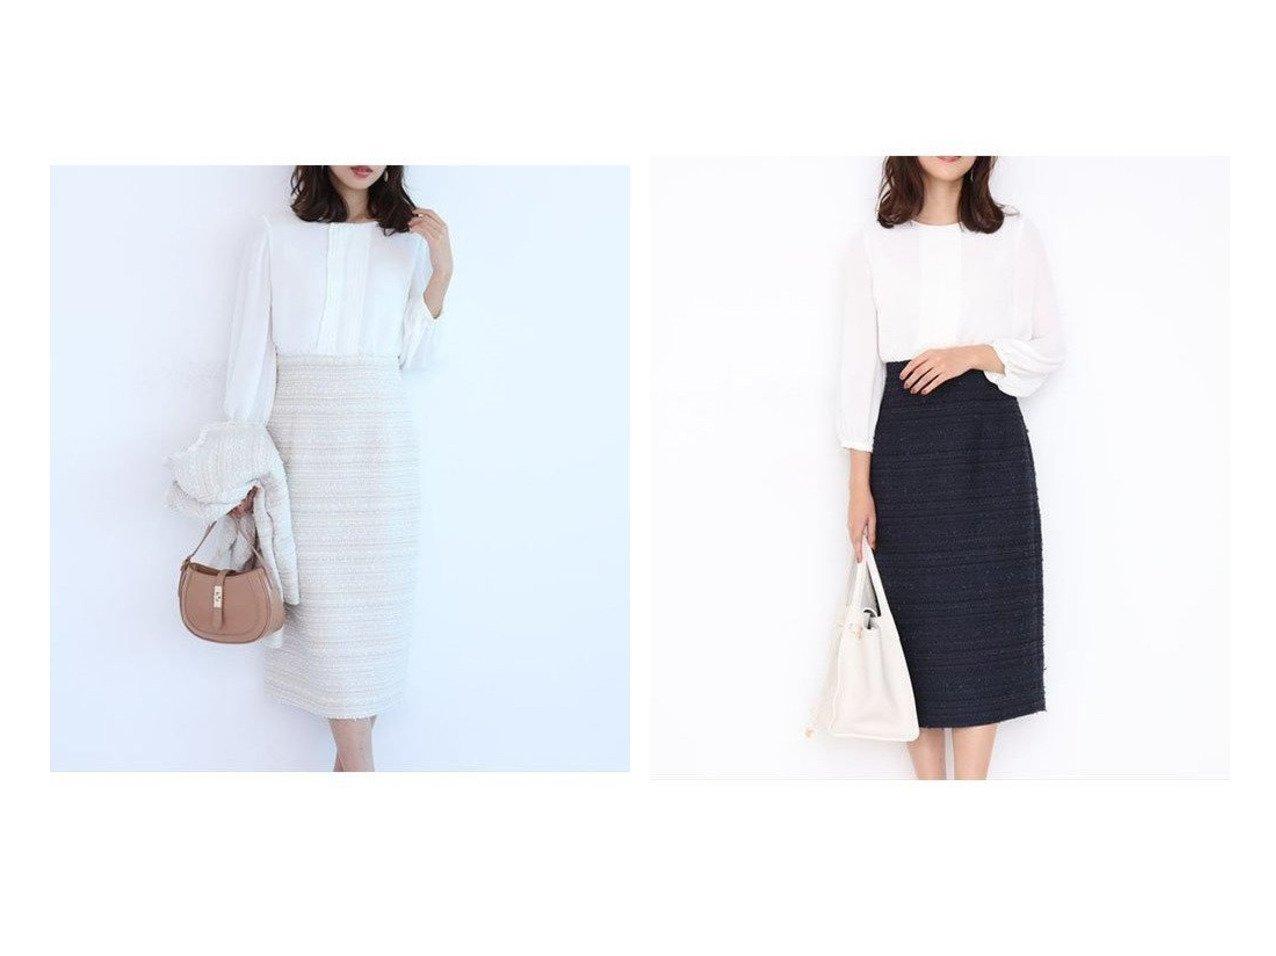 【JUSGLITTY/ジャスグリッティー】の【セットアップ対応商品】ツイードドッキングワンピース ワンピース・ドレスのおすすめ!人気、トレンド・レディースファッションの通販 おすすめで人気の流行・トレンド、ファッションの通販商品 メンズファッション・キッズファッション・インテリア・家具・レディースファッション・服の通販 founy(ファニー) https://founy.com/ ファッション Fashion レディースファッション WOMEN ワンピース Dress NEW・新作・新着・新入荷 New Arrivals エレガント セットアップ タイトスカート ツイード ドッキング |ID:crp329100000024856